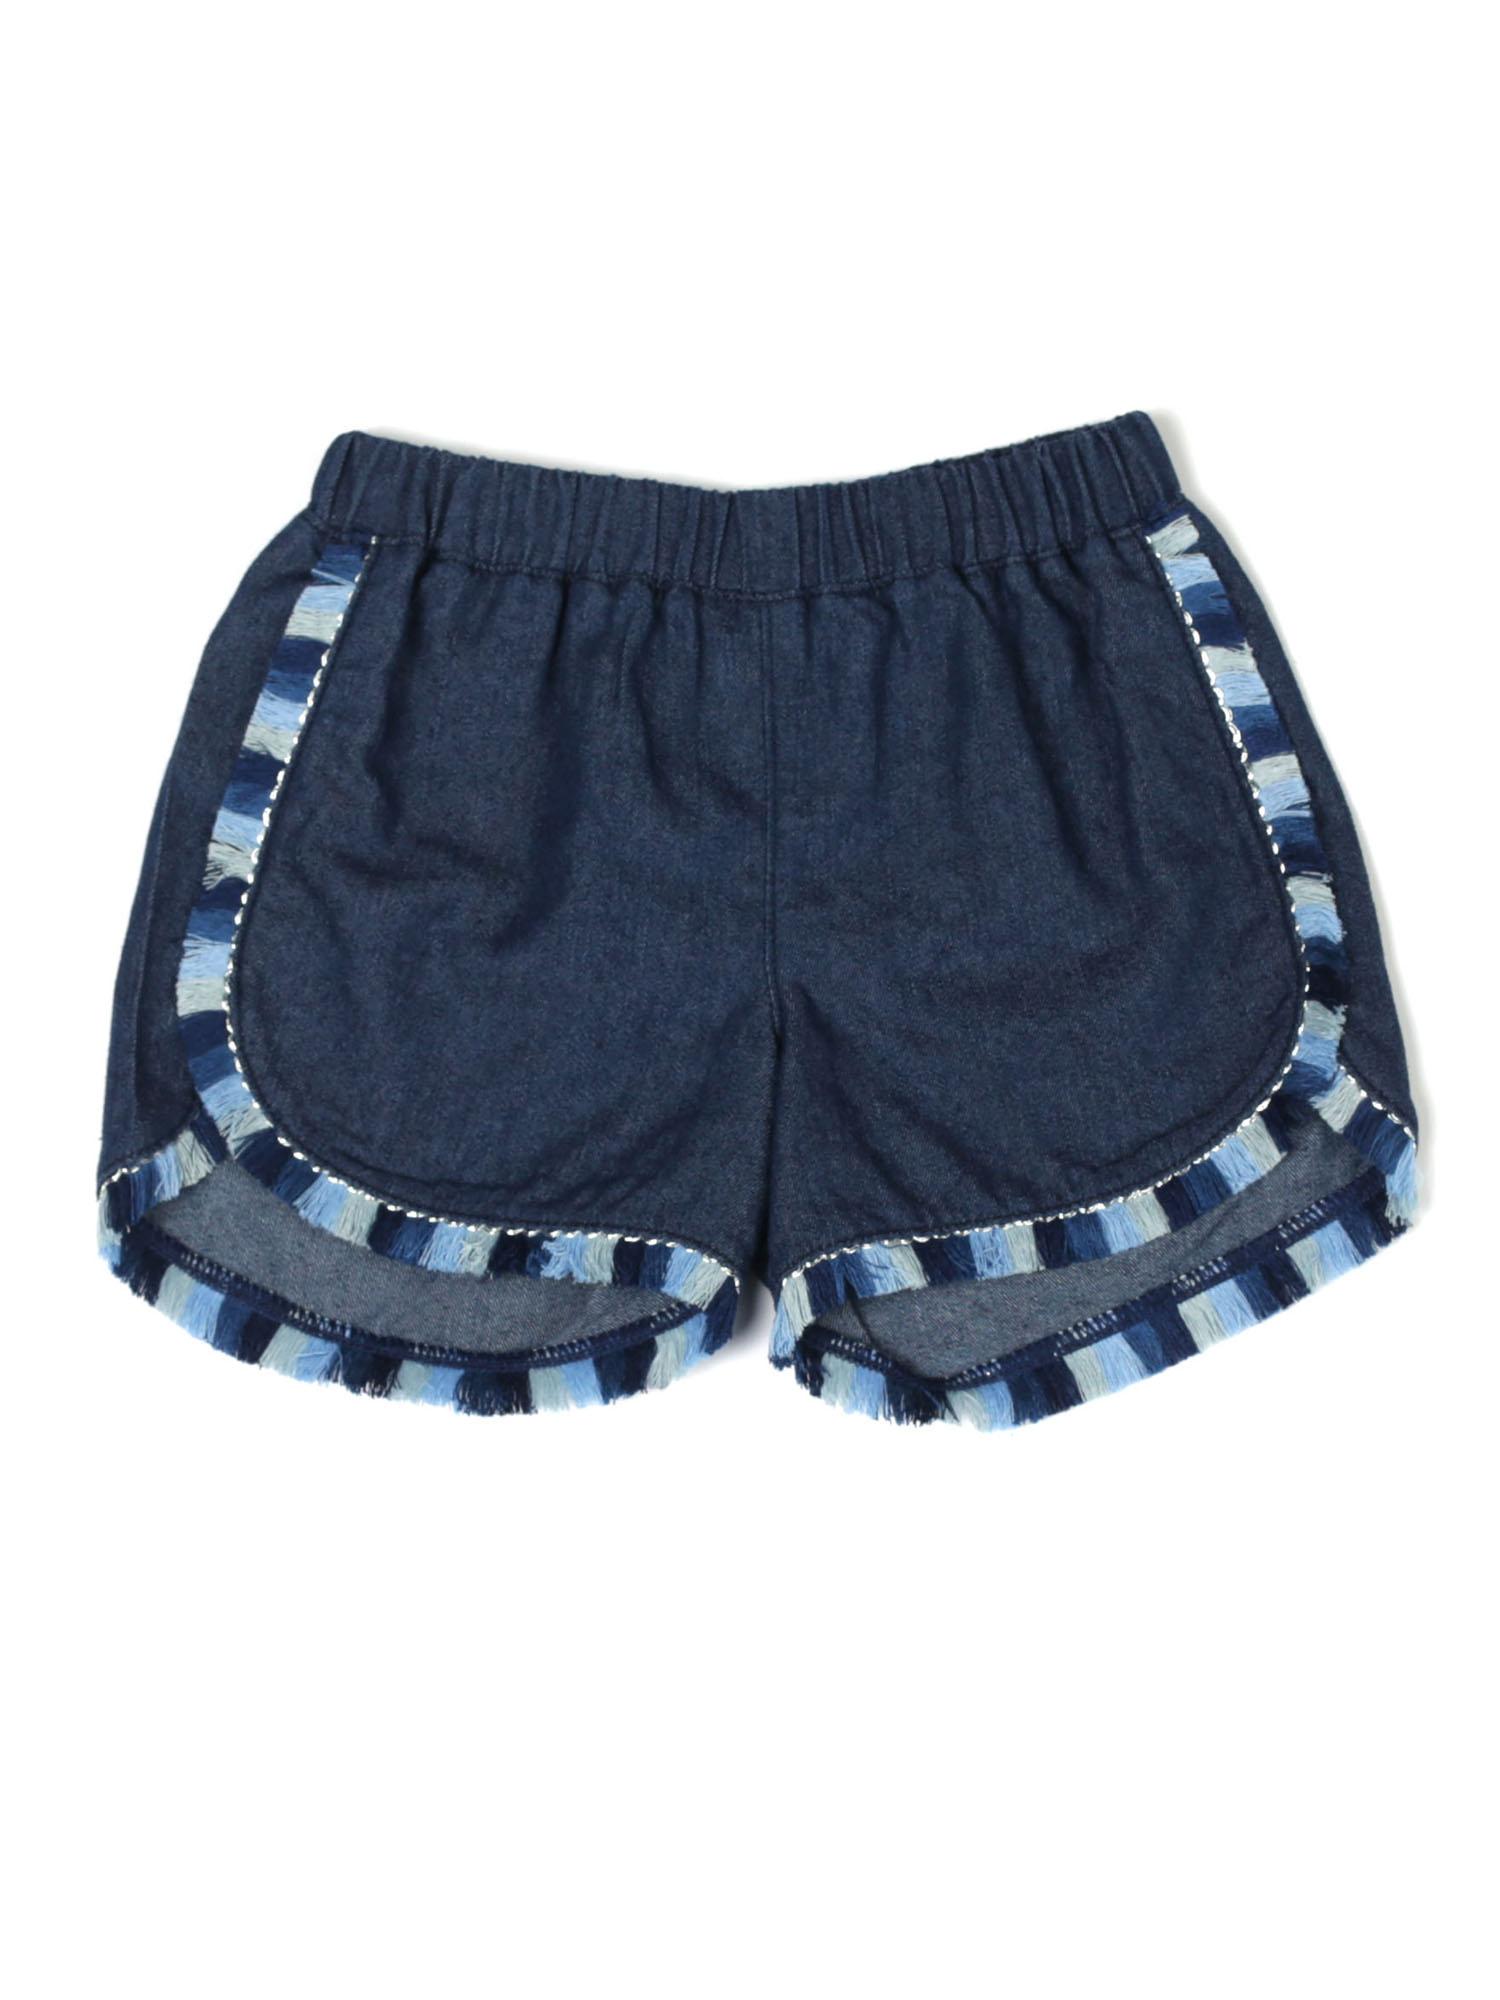 Pull-on Short (Baby Girls & Toddler Girls)